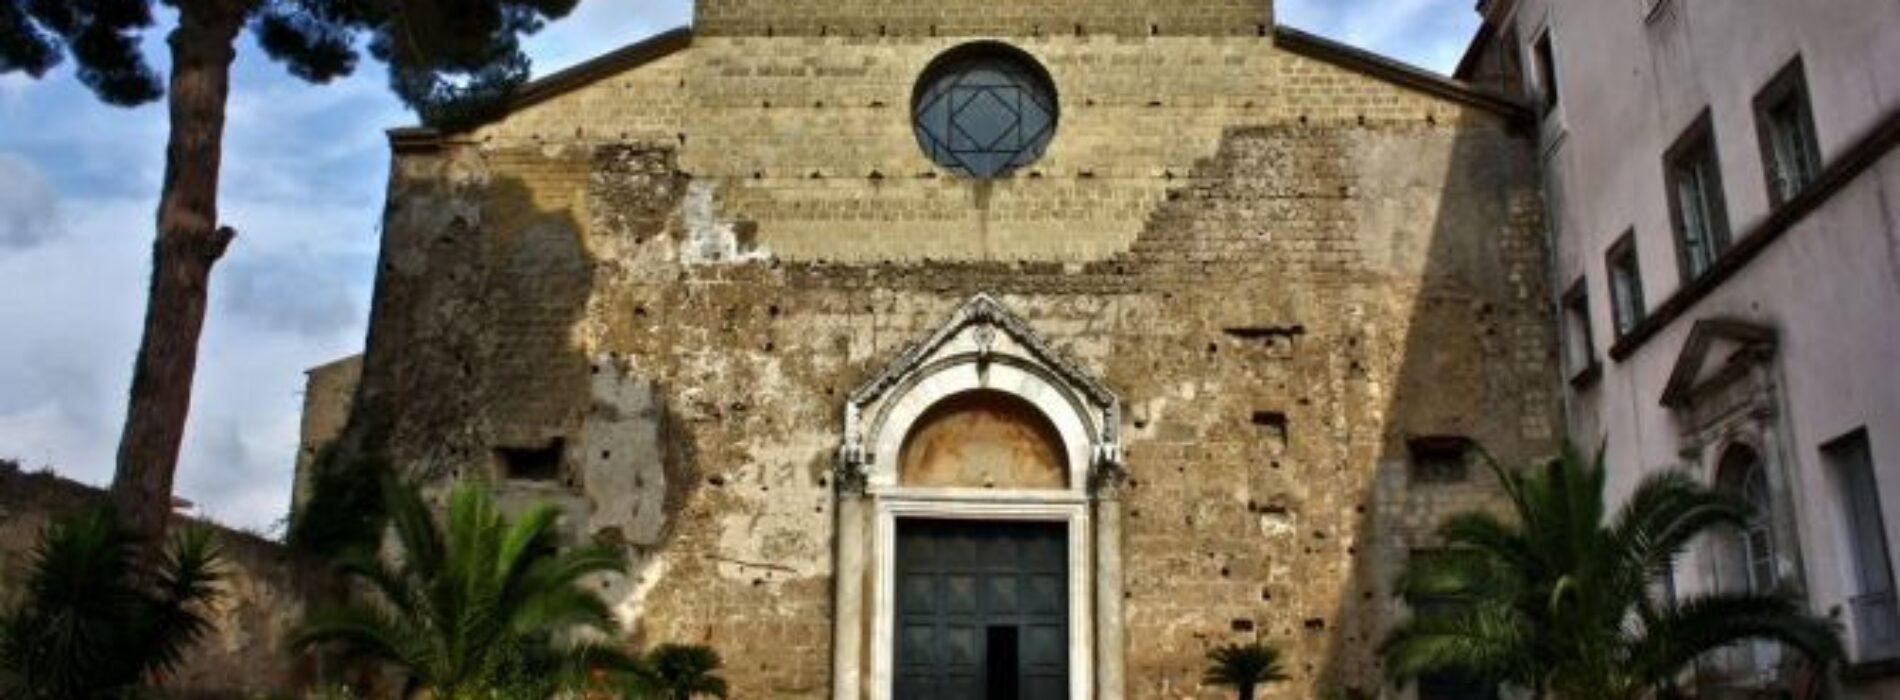 Primavera sacra, Aversa celebra il Transito di San Benedetto